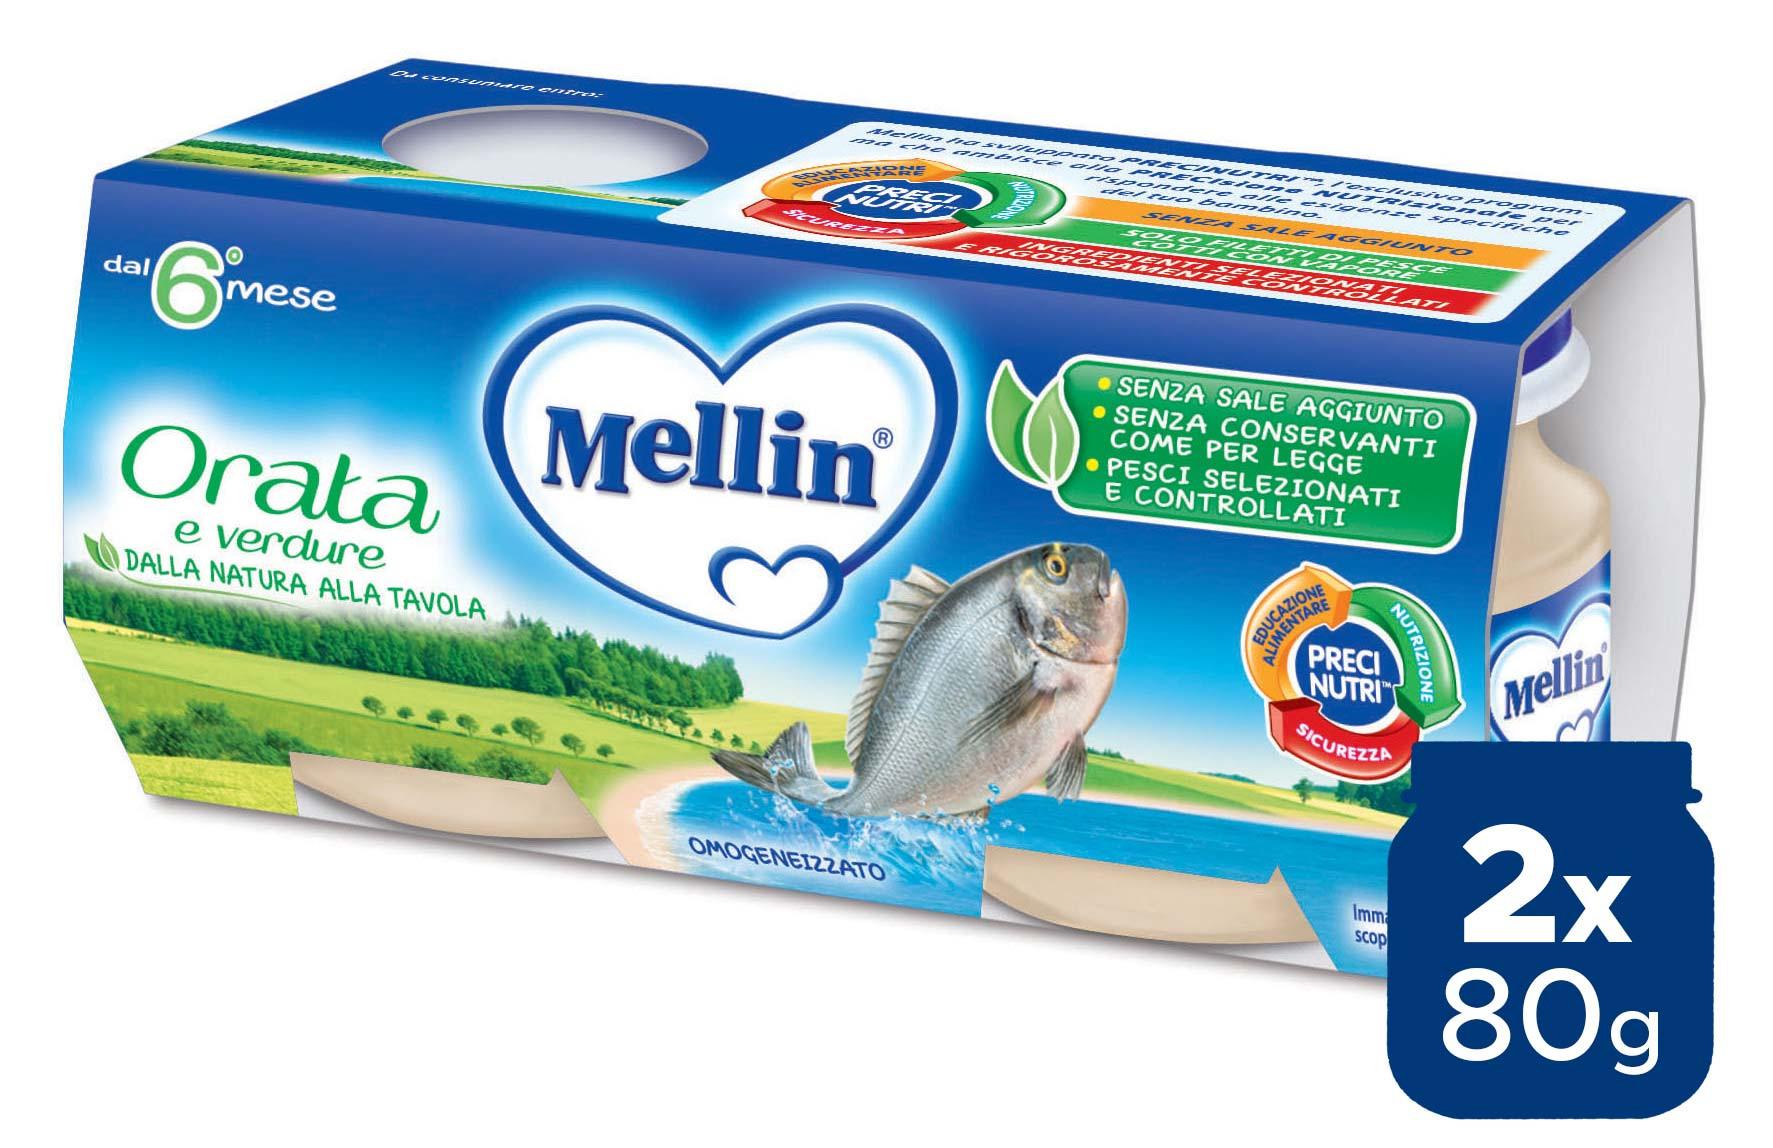 Omogeneizzato Orata Mellin - 2 x 80 g